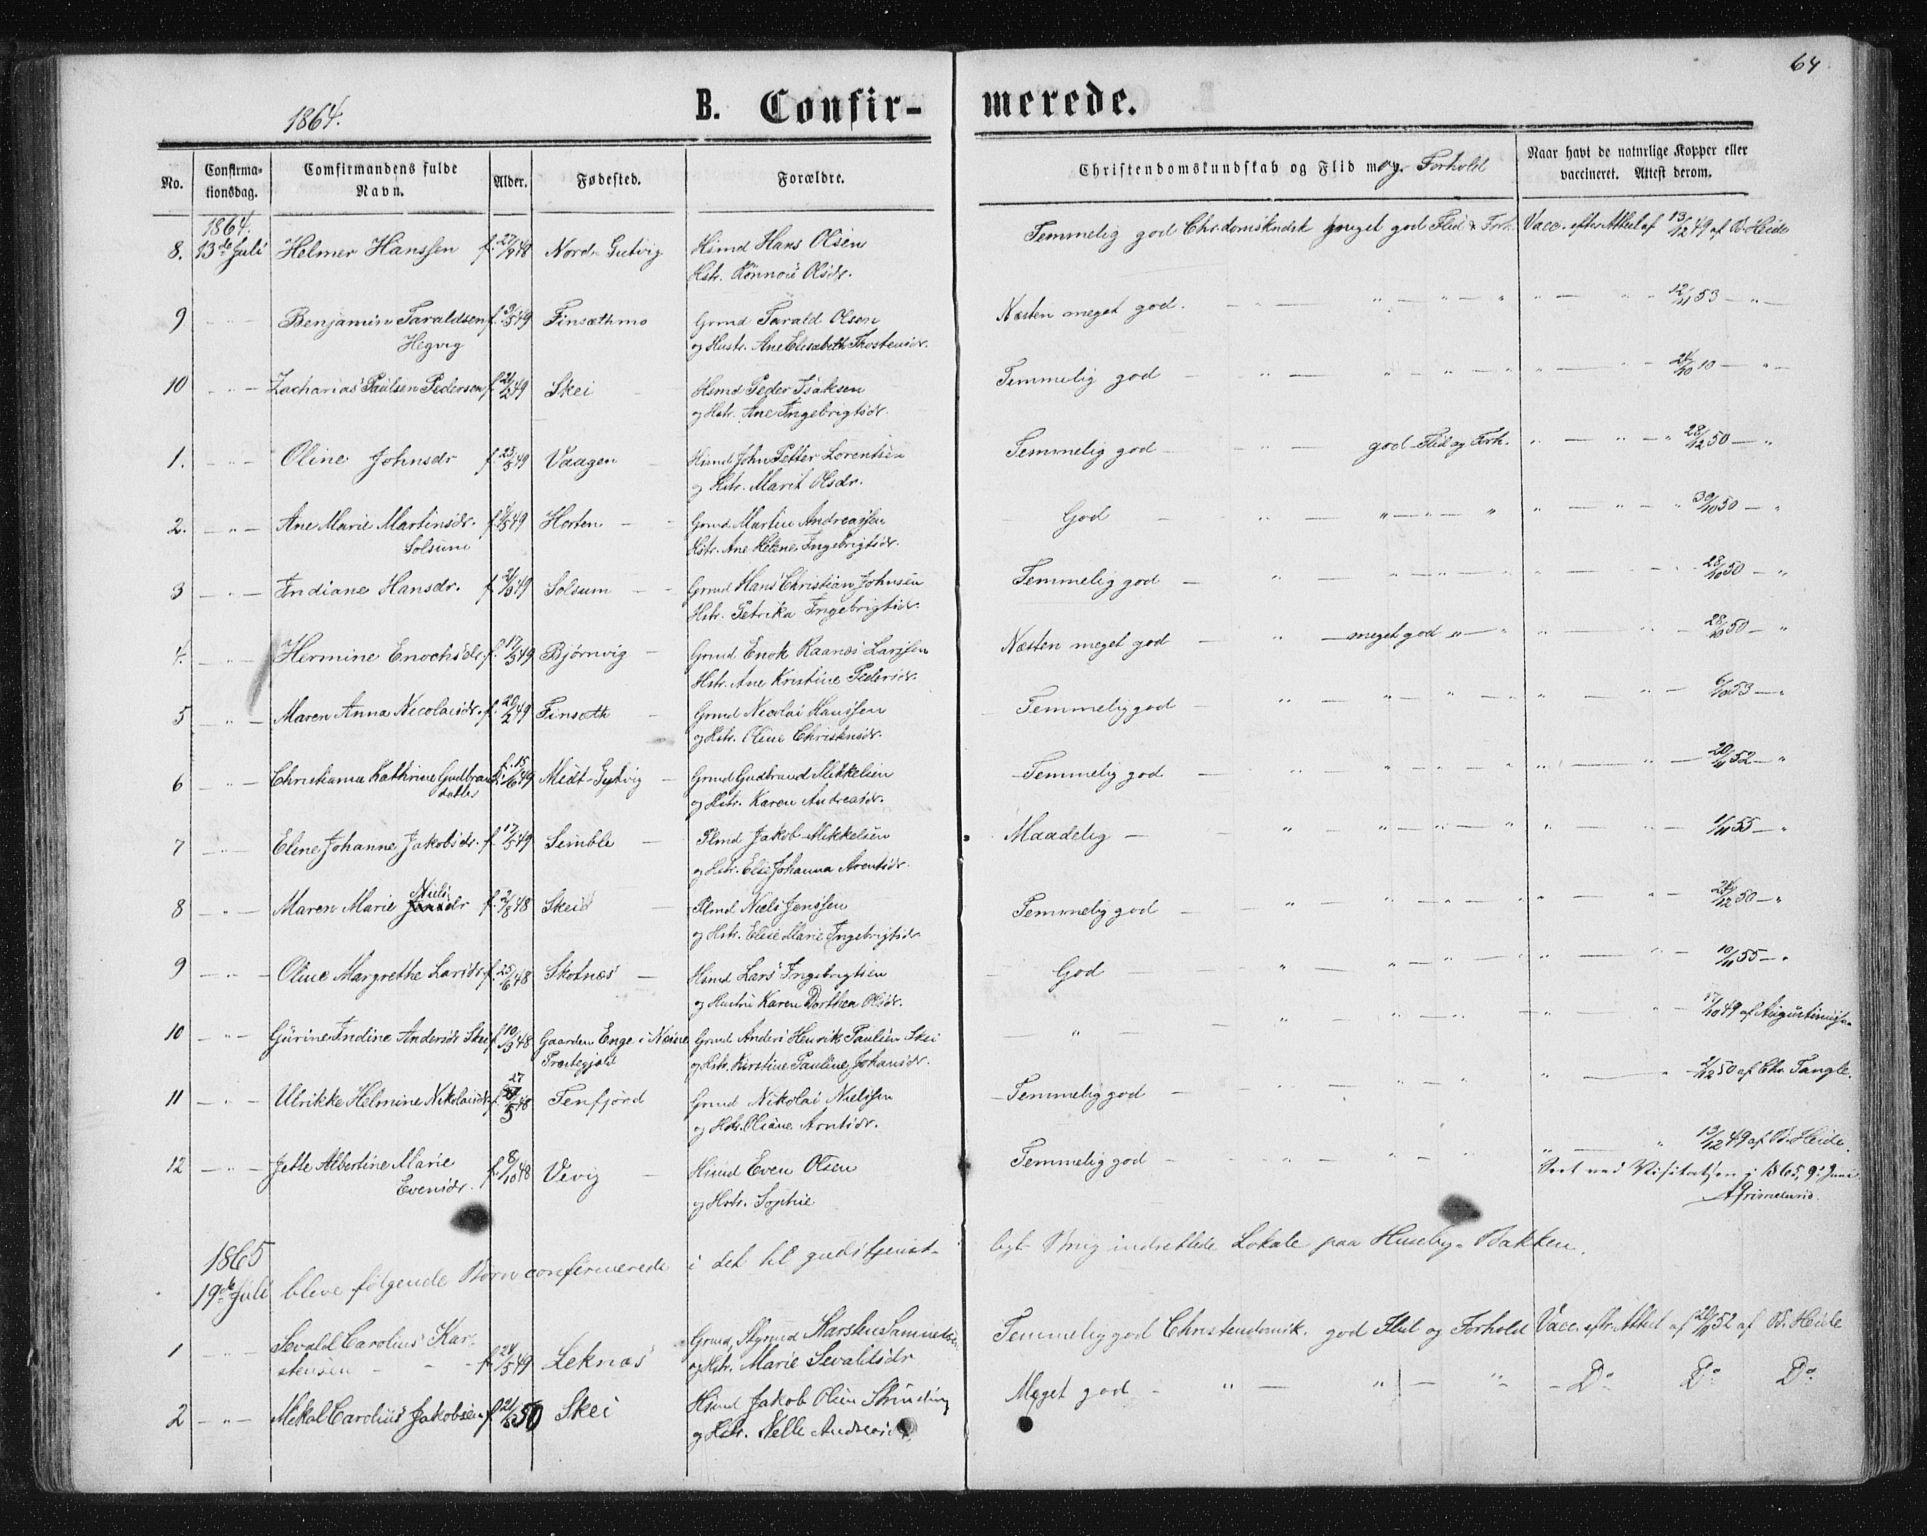 SAT, Ministerialprotokoller, klokkerbøker og fødselsregistre - Nord-Trøndelag, 788/L0696: Ministerialbok nr. 788A03, 1863-1877, s. 64